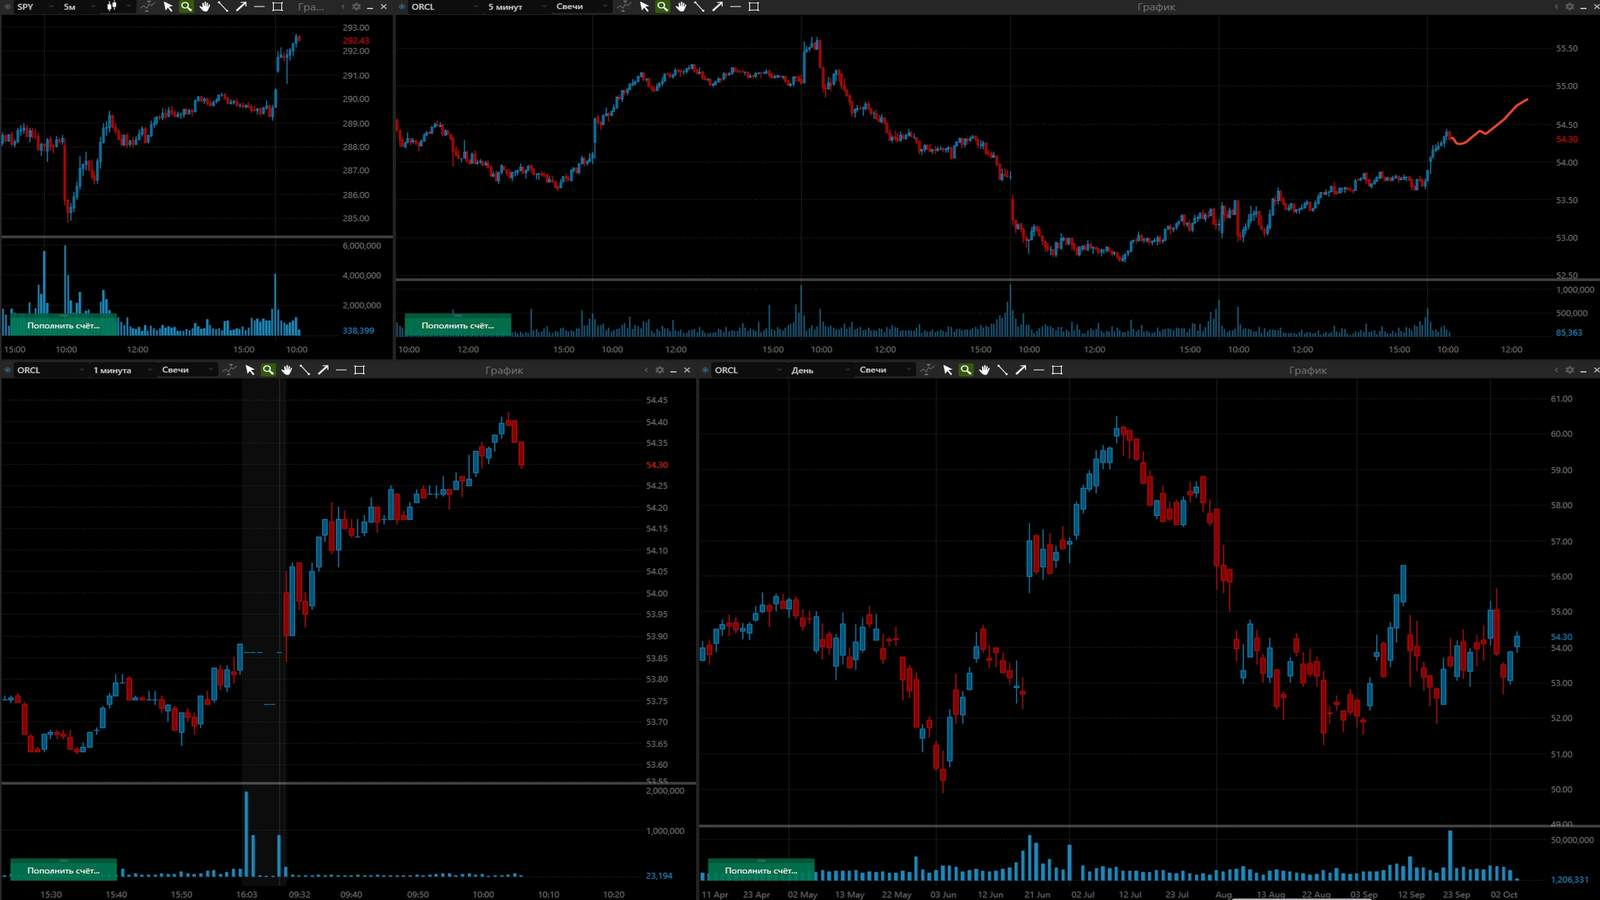 ORCL акция на фондовой бирже